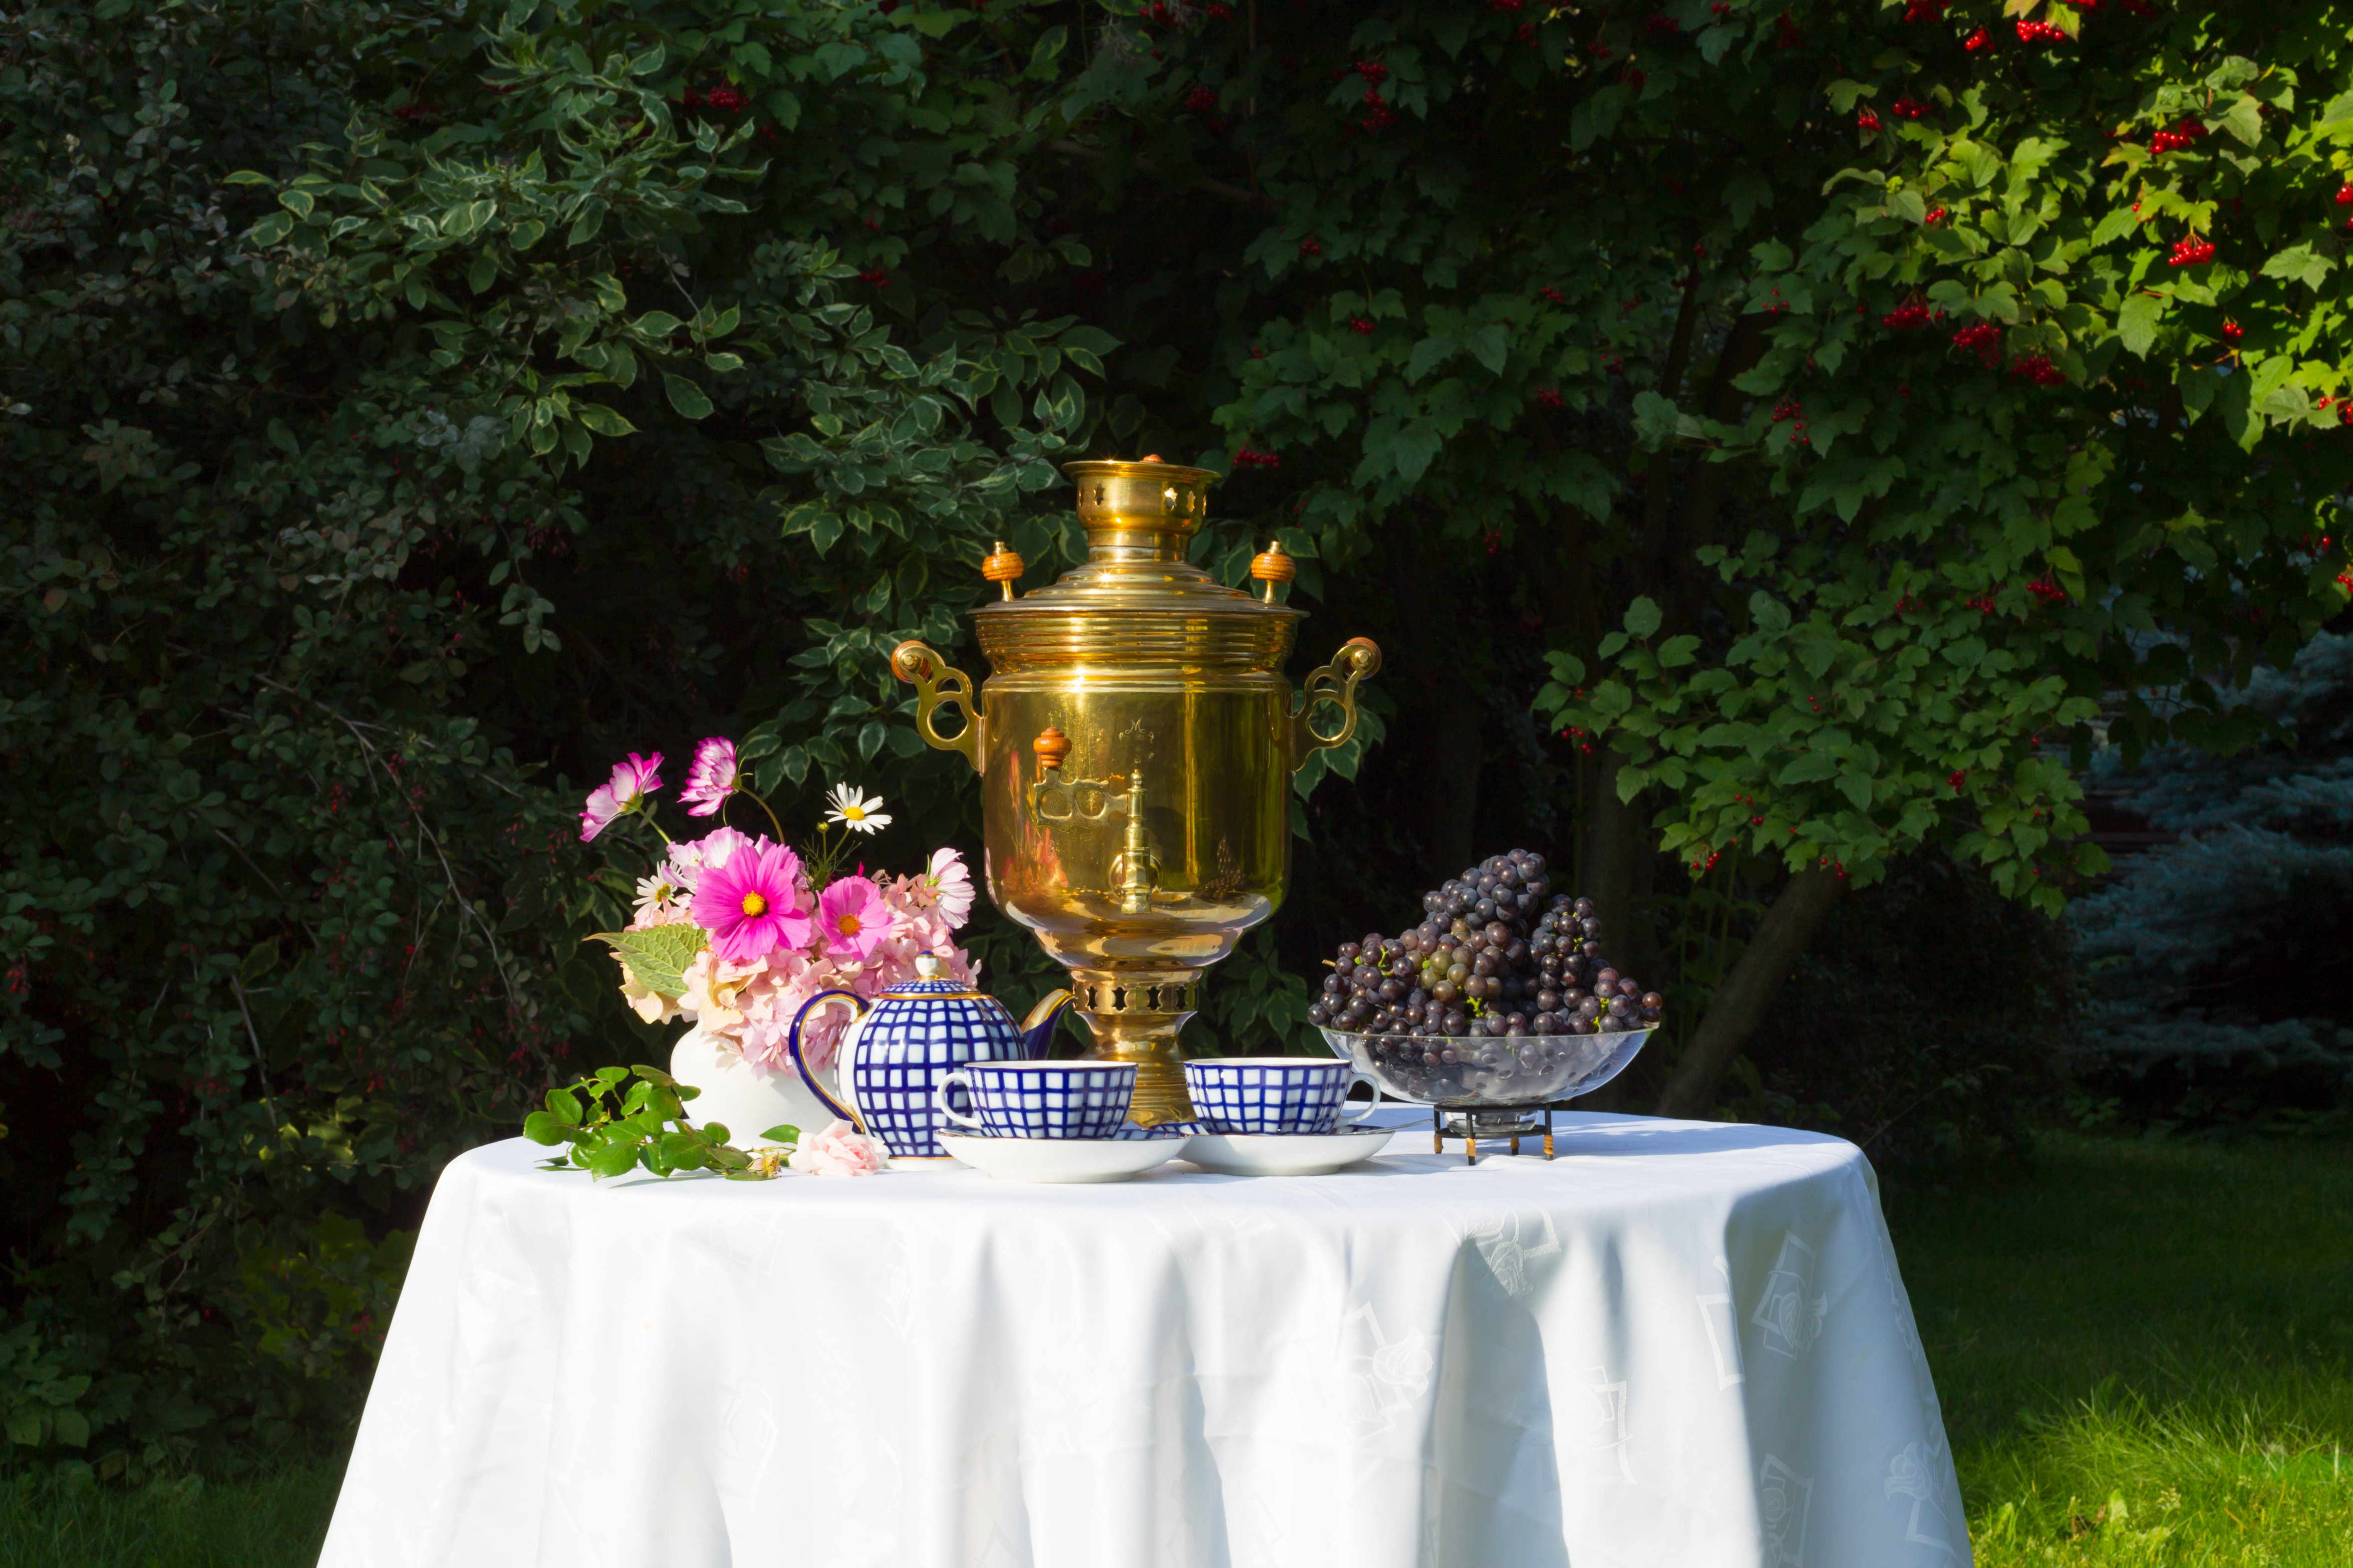 Конец лета - время не только для работы в саду, но и момент наслаждения уходящими тёплыми вечерами за семейным столом